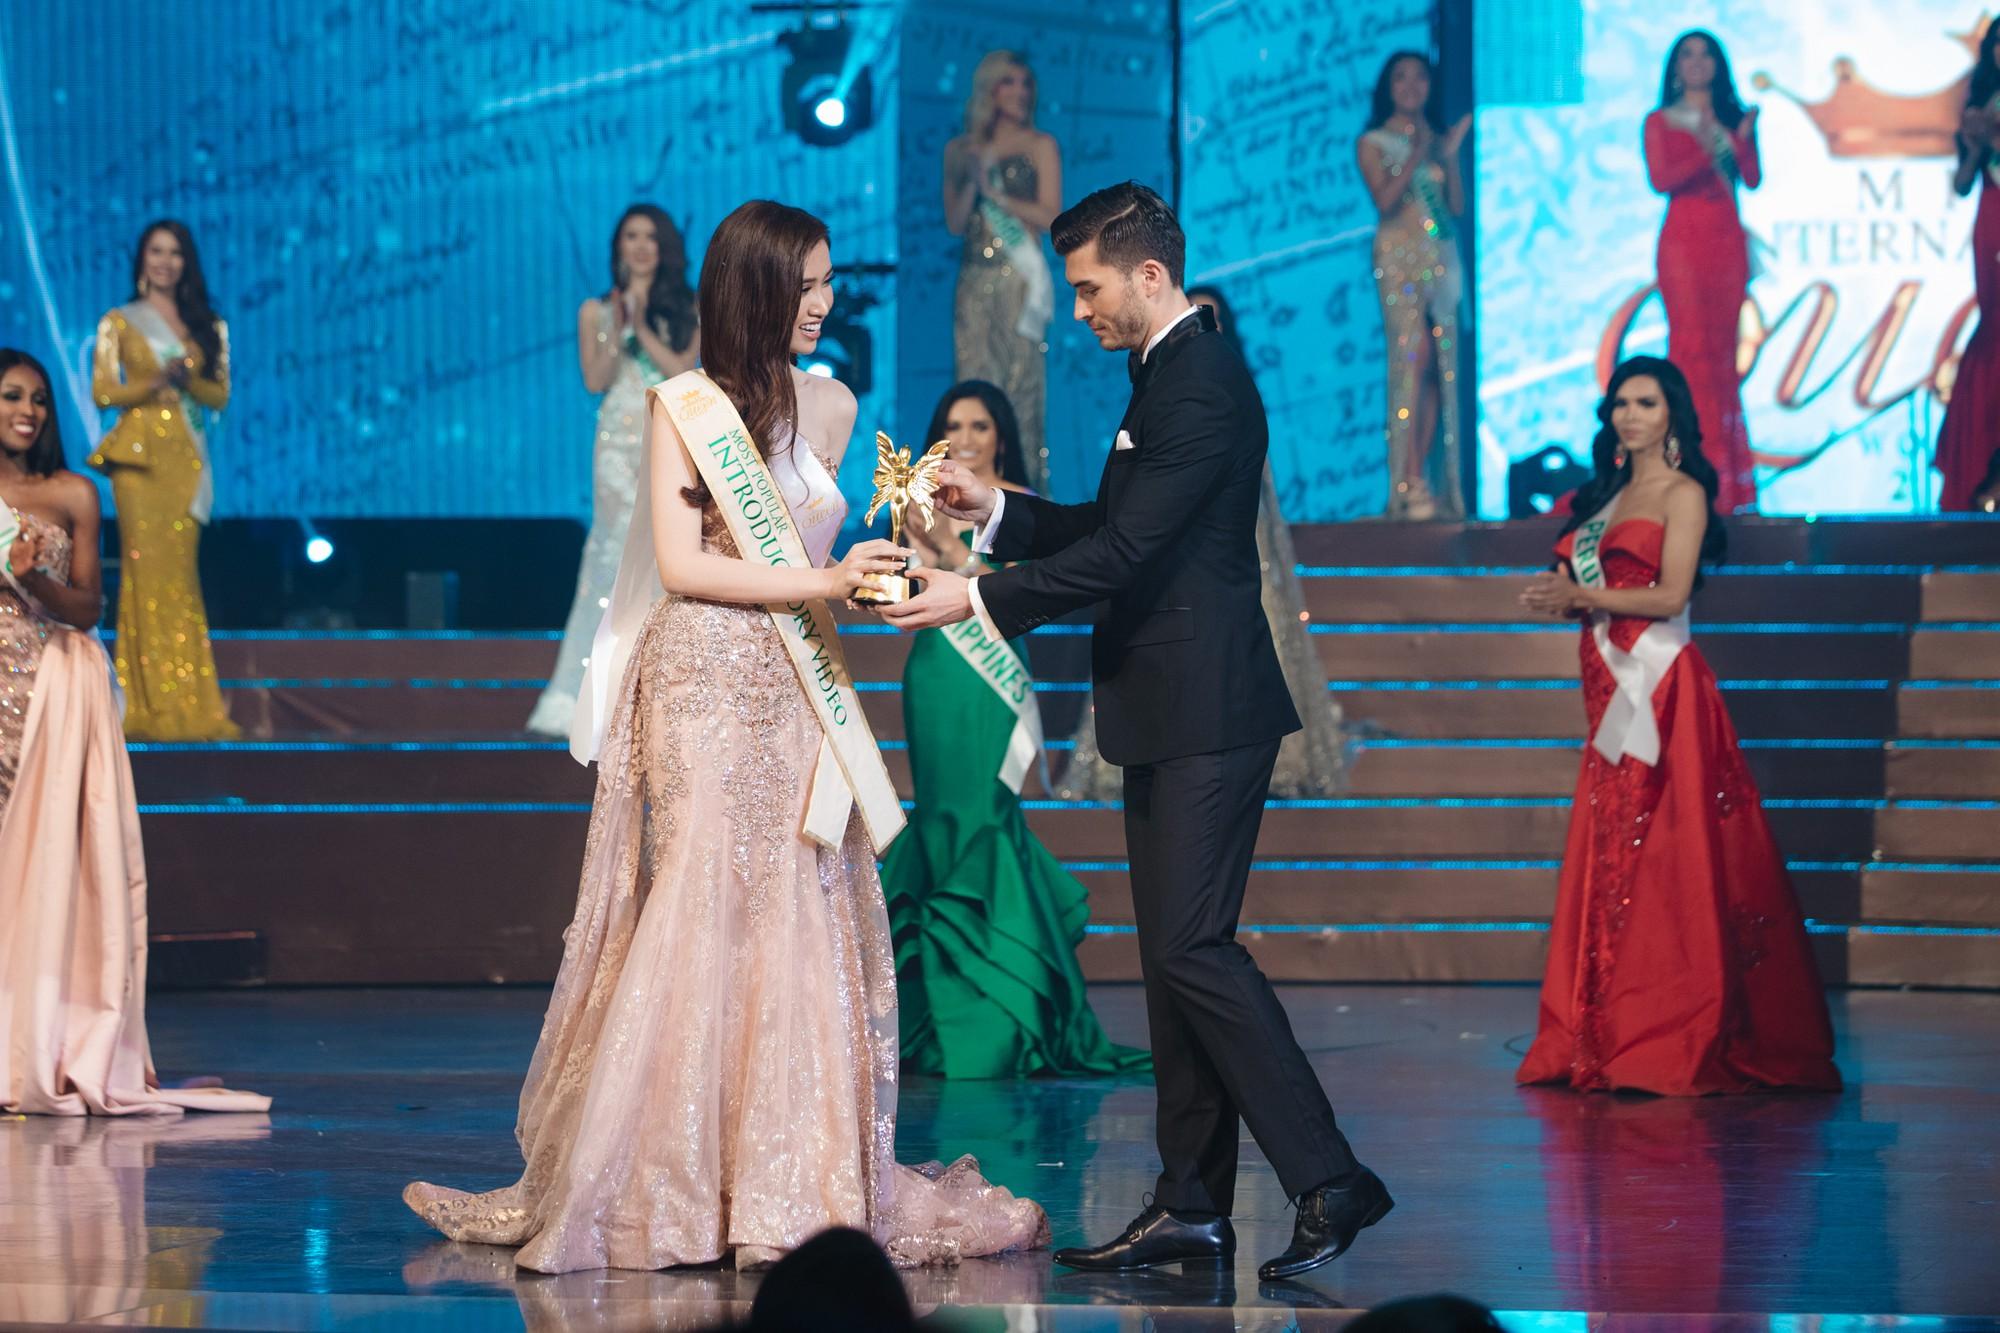 Đại diện Việt Nam - Đỗ Nhật Hà dừng chân tại Top 6 trong đêm Chung kết Hoa hậu Chuyển giới Quốc tế 2019 - Ảnh 7.